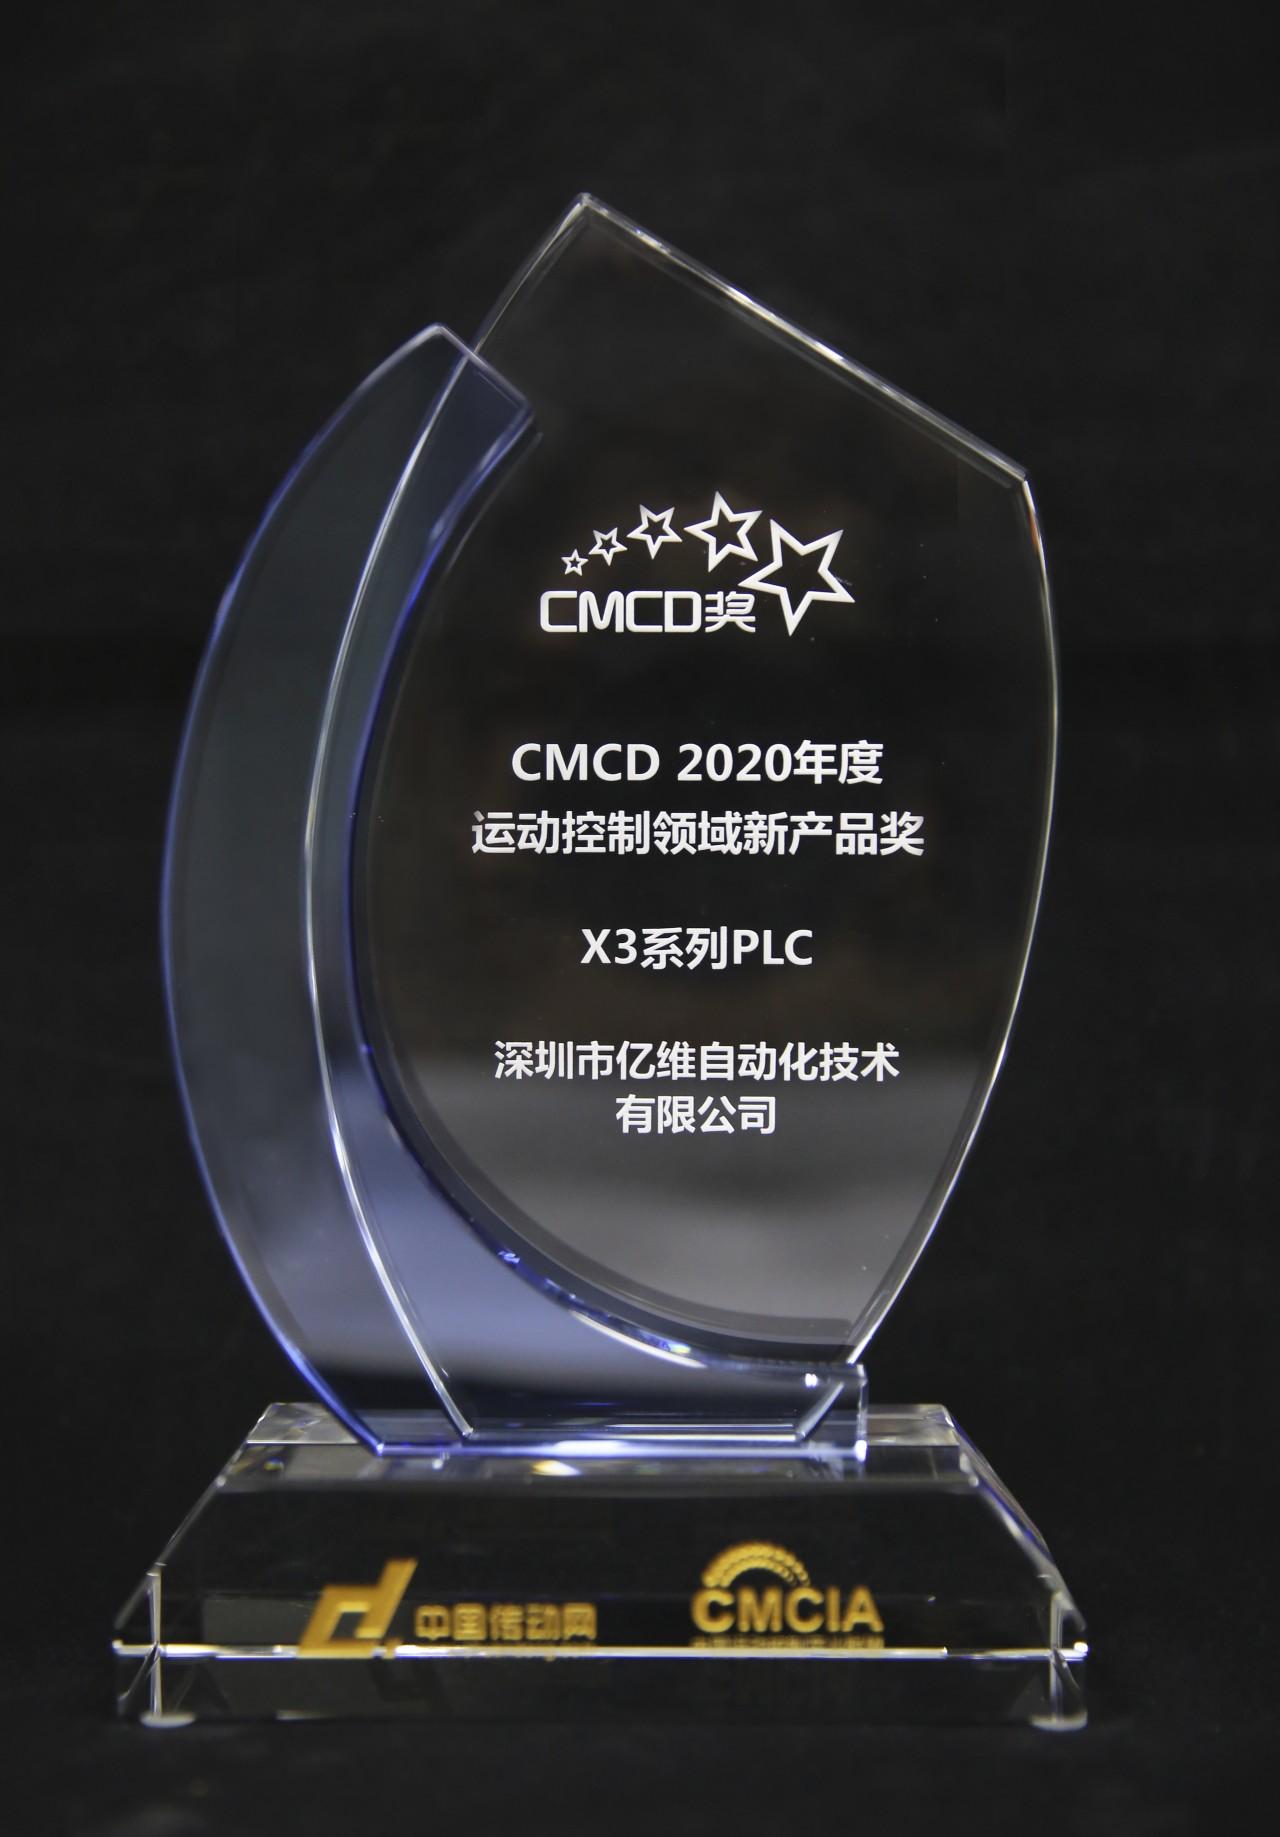 亿维自动化荣获CMCD 2020年度运动控制领域技术新产品奖